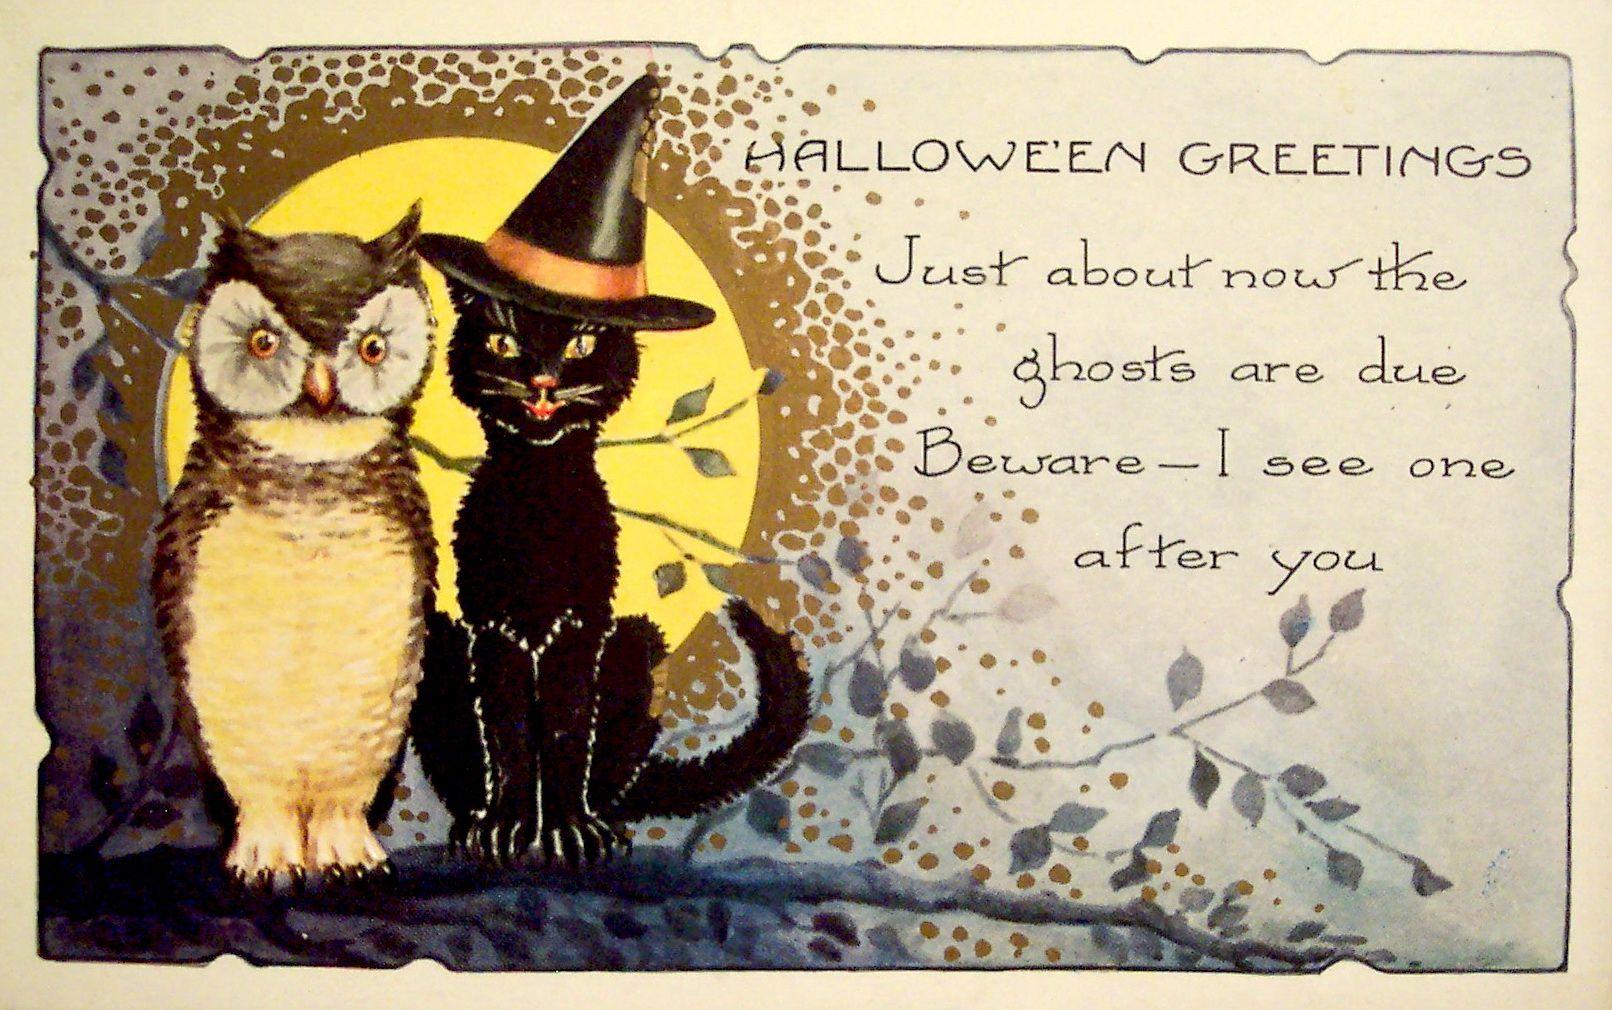 samhain images greetings